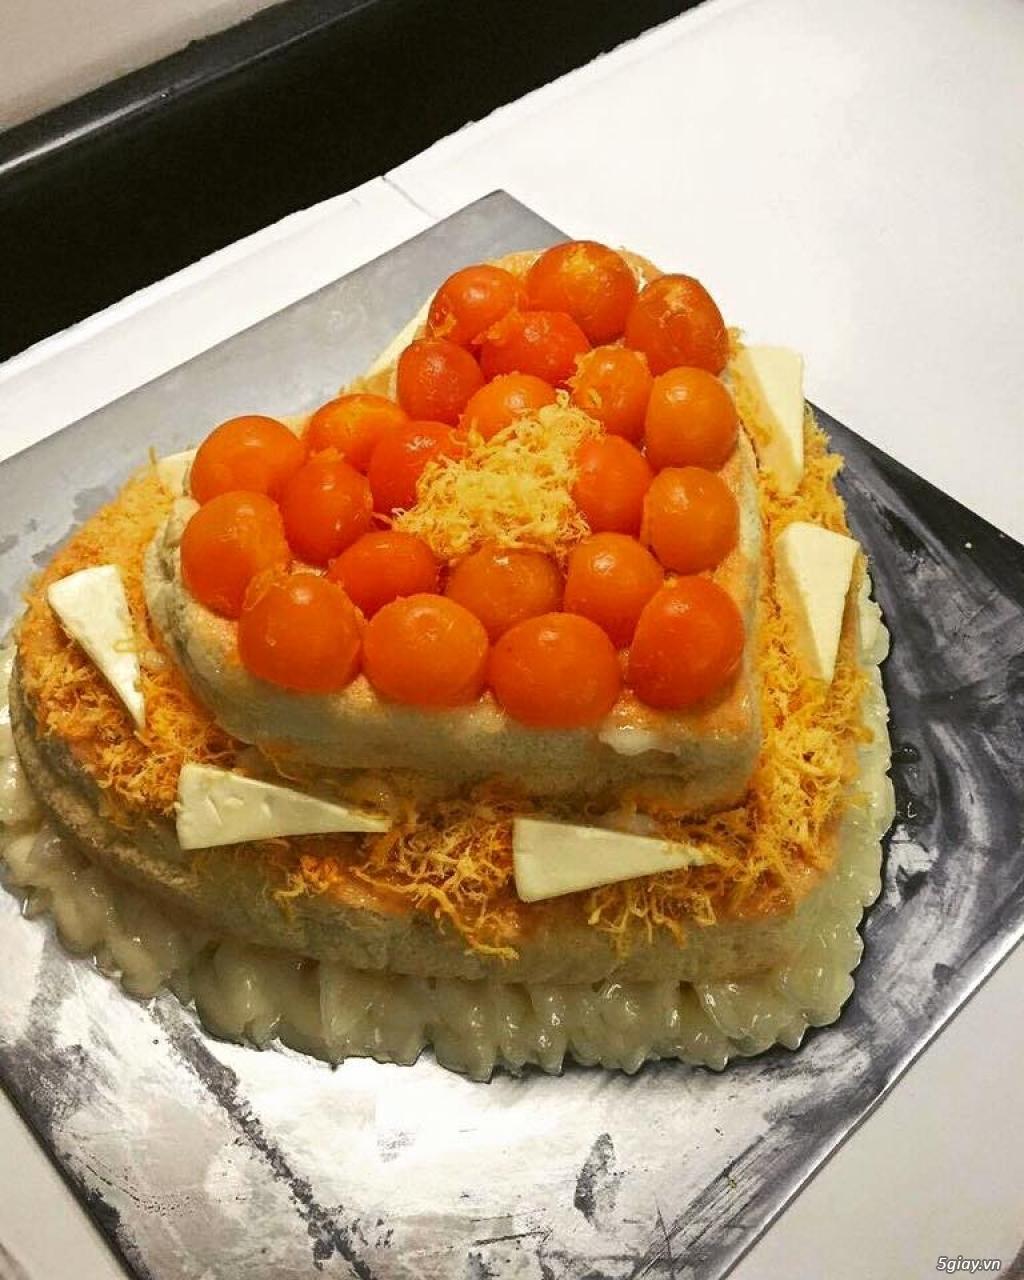 Chuyên cung cấp sỉ lẻ bánh bông lan trứng muối và các loại bánh nóng lạnh theo đơn hàng - TP.Hồ Chí Minh - Five.vn